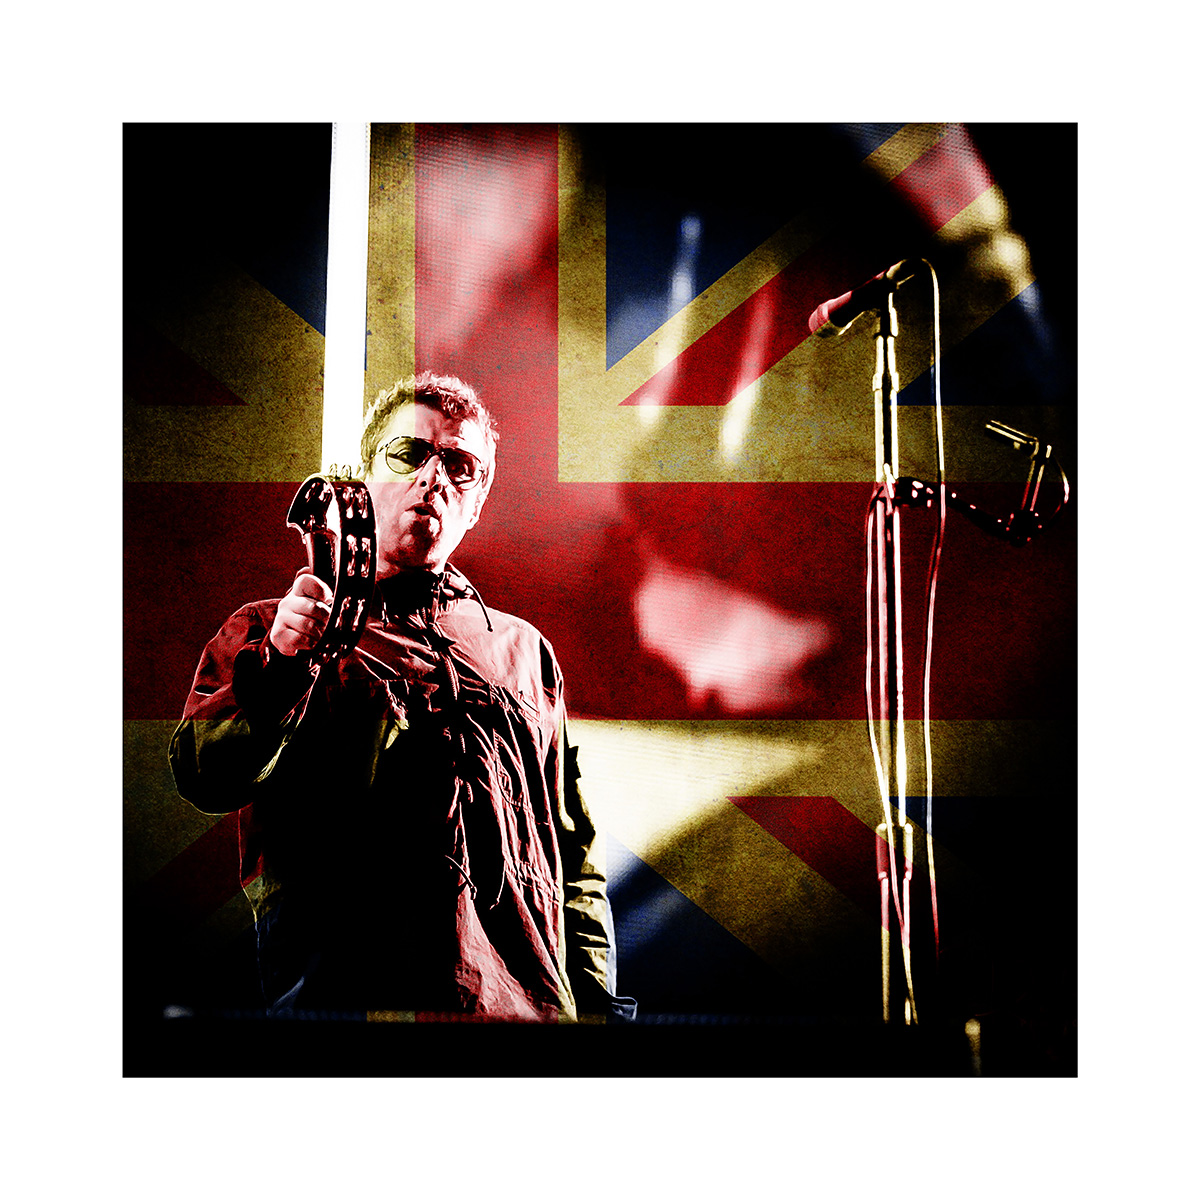 """LIAM GALLAGHER BRITISH ROCK STAR LTD EDITION PRINT 16""""x20"""" £195  24""""x30"""" £295.00  32""""x40"""" £395.00"""